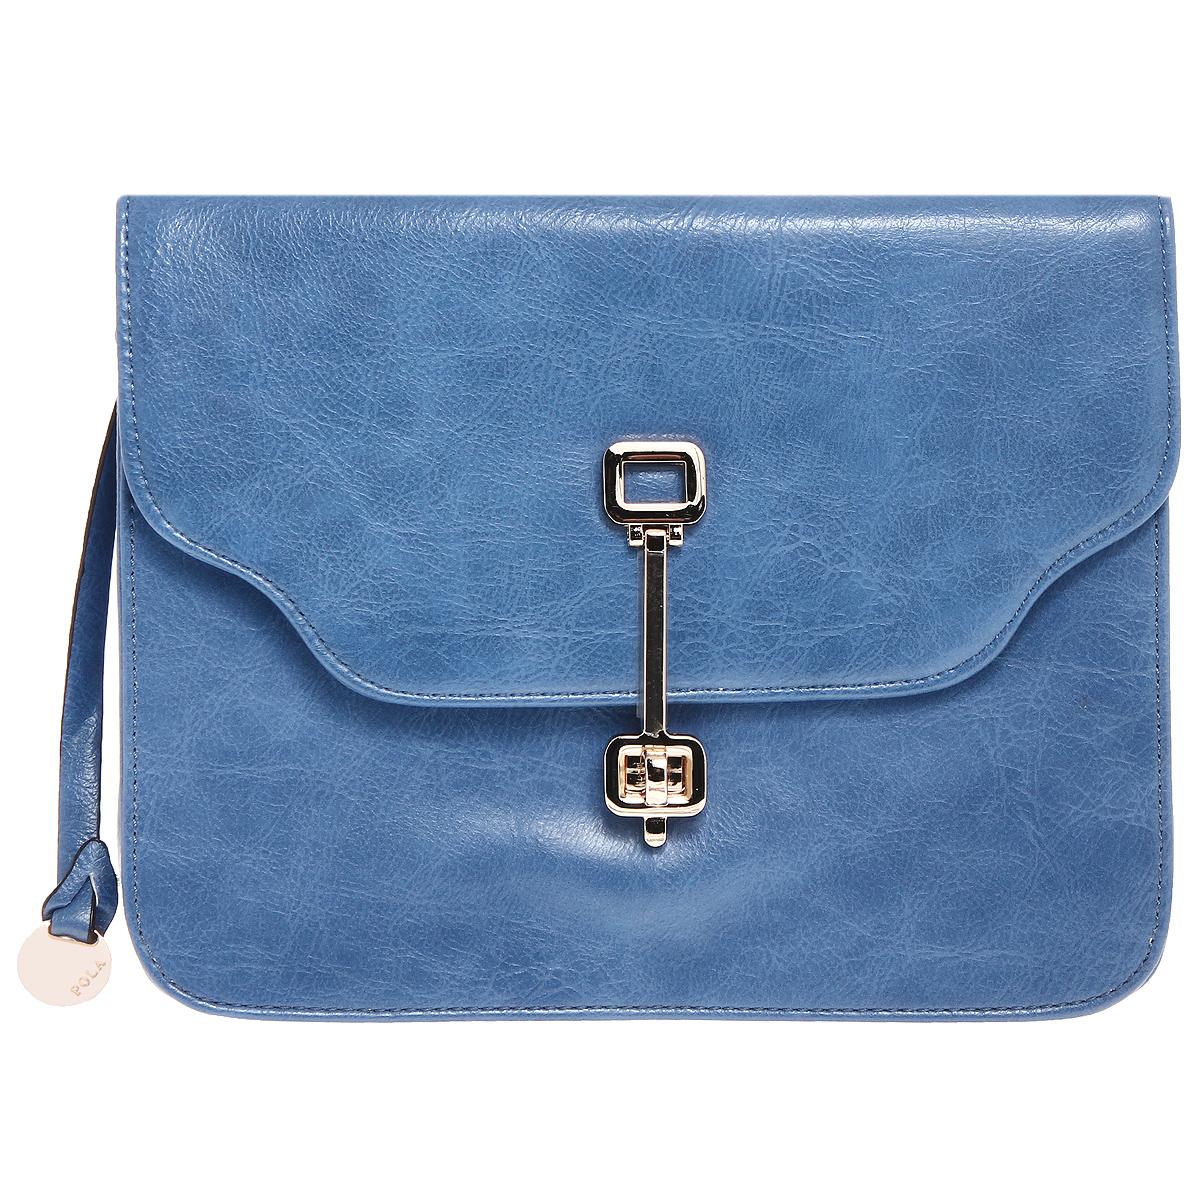 Сумка женская Pola, цвет: синий. 70457045 blueЖенская сумка Pola выполнена из искусственной кожи синего цвета. Сумка состоит из одного отделения, закрывающегося широким клапаном на поворотный замок. Сбоку к сумке прикреплен круглый металлический брелок. Внутри - два открытых накладных кармашка для мелочей и вшитый карман на застежке-молнии. Сумка оснащена съемным, плечевым ремнем регулируемой длины. В комплекте чехол для хранения. Сумка - это стильный аксессуар, который подчеркнет вашу изысканность и индивидуальность и сделает ваш образ завершенным.